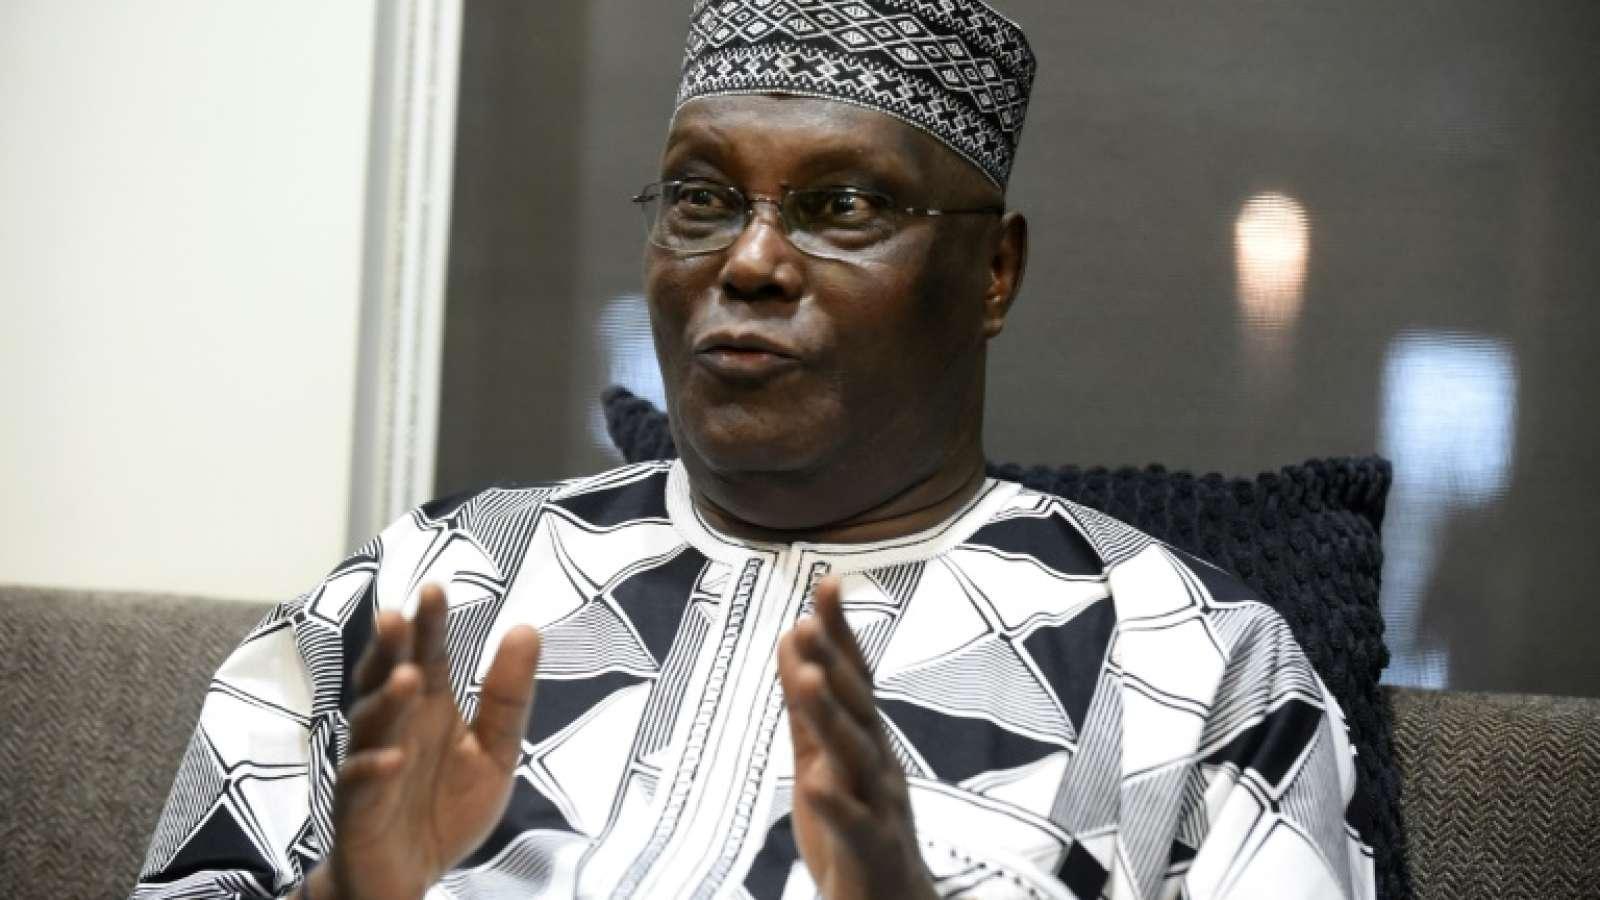 Recession: Nigeria is broke, can't afford 2021 budget – Atiku